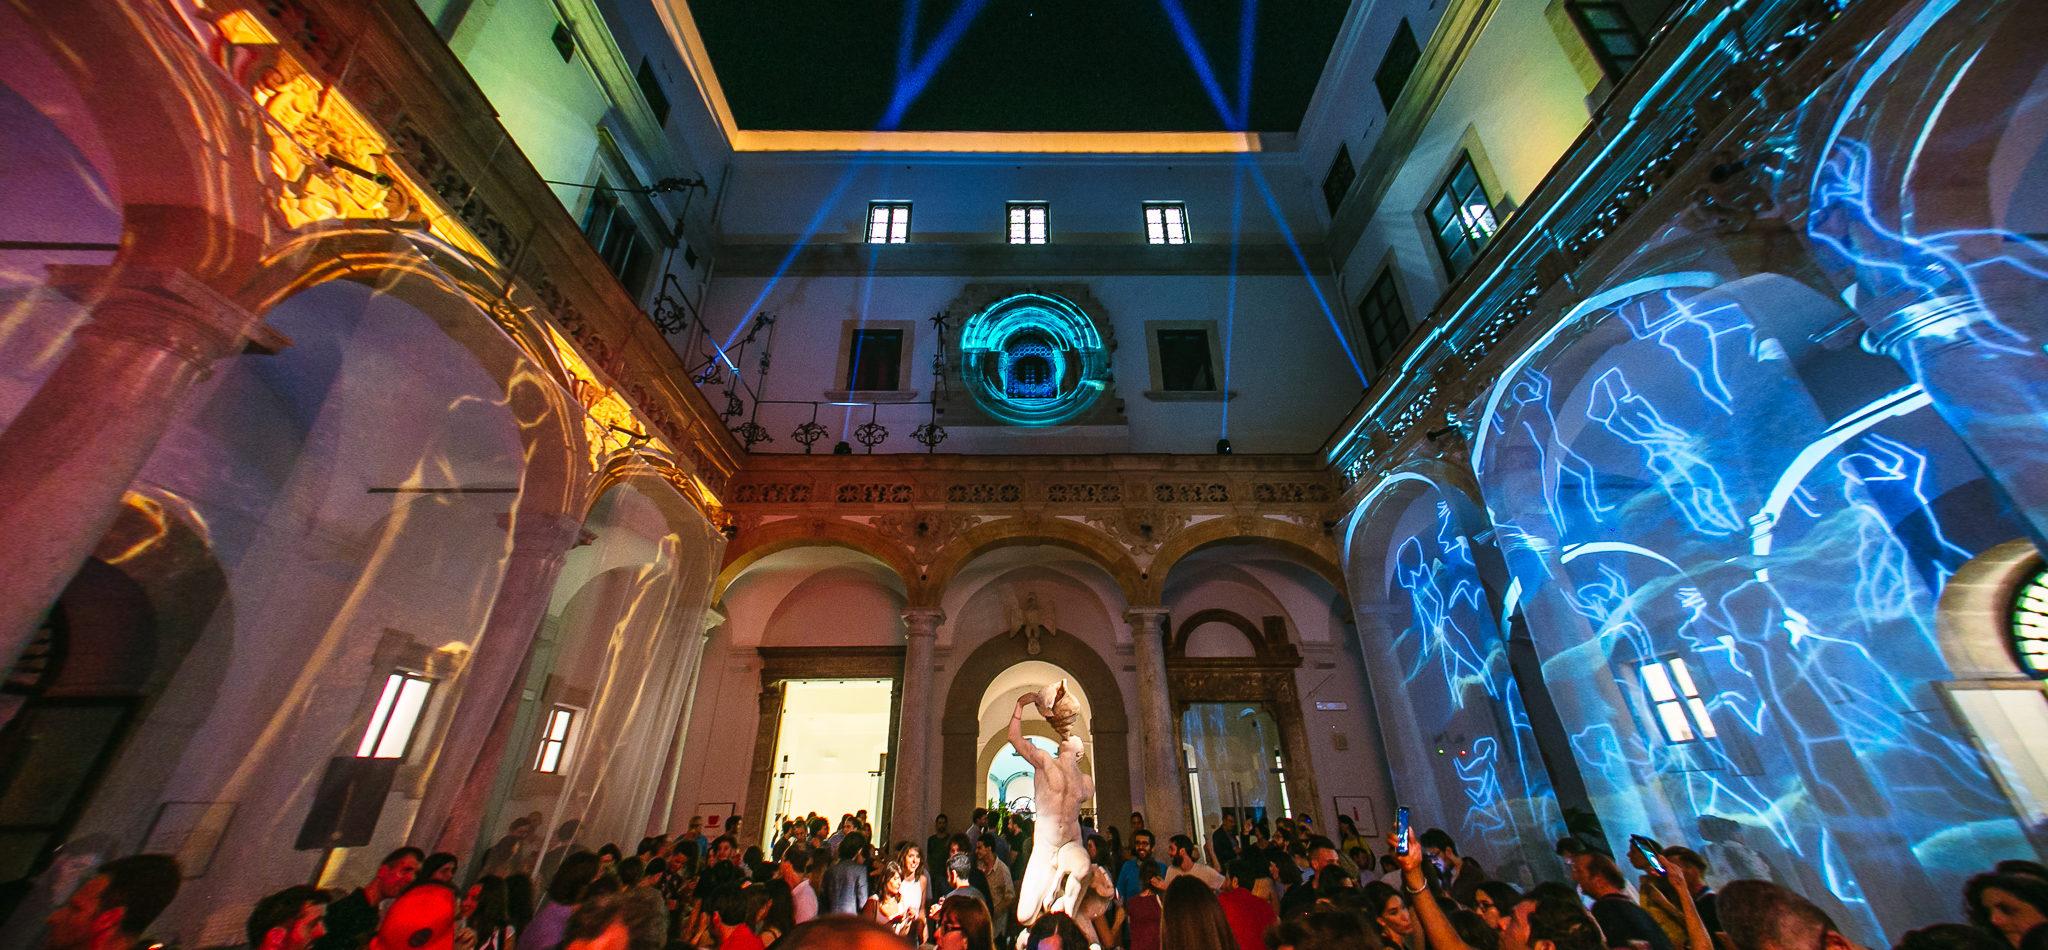 videomapping-Sicilia-Palermo